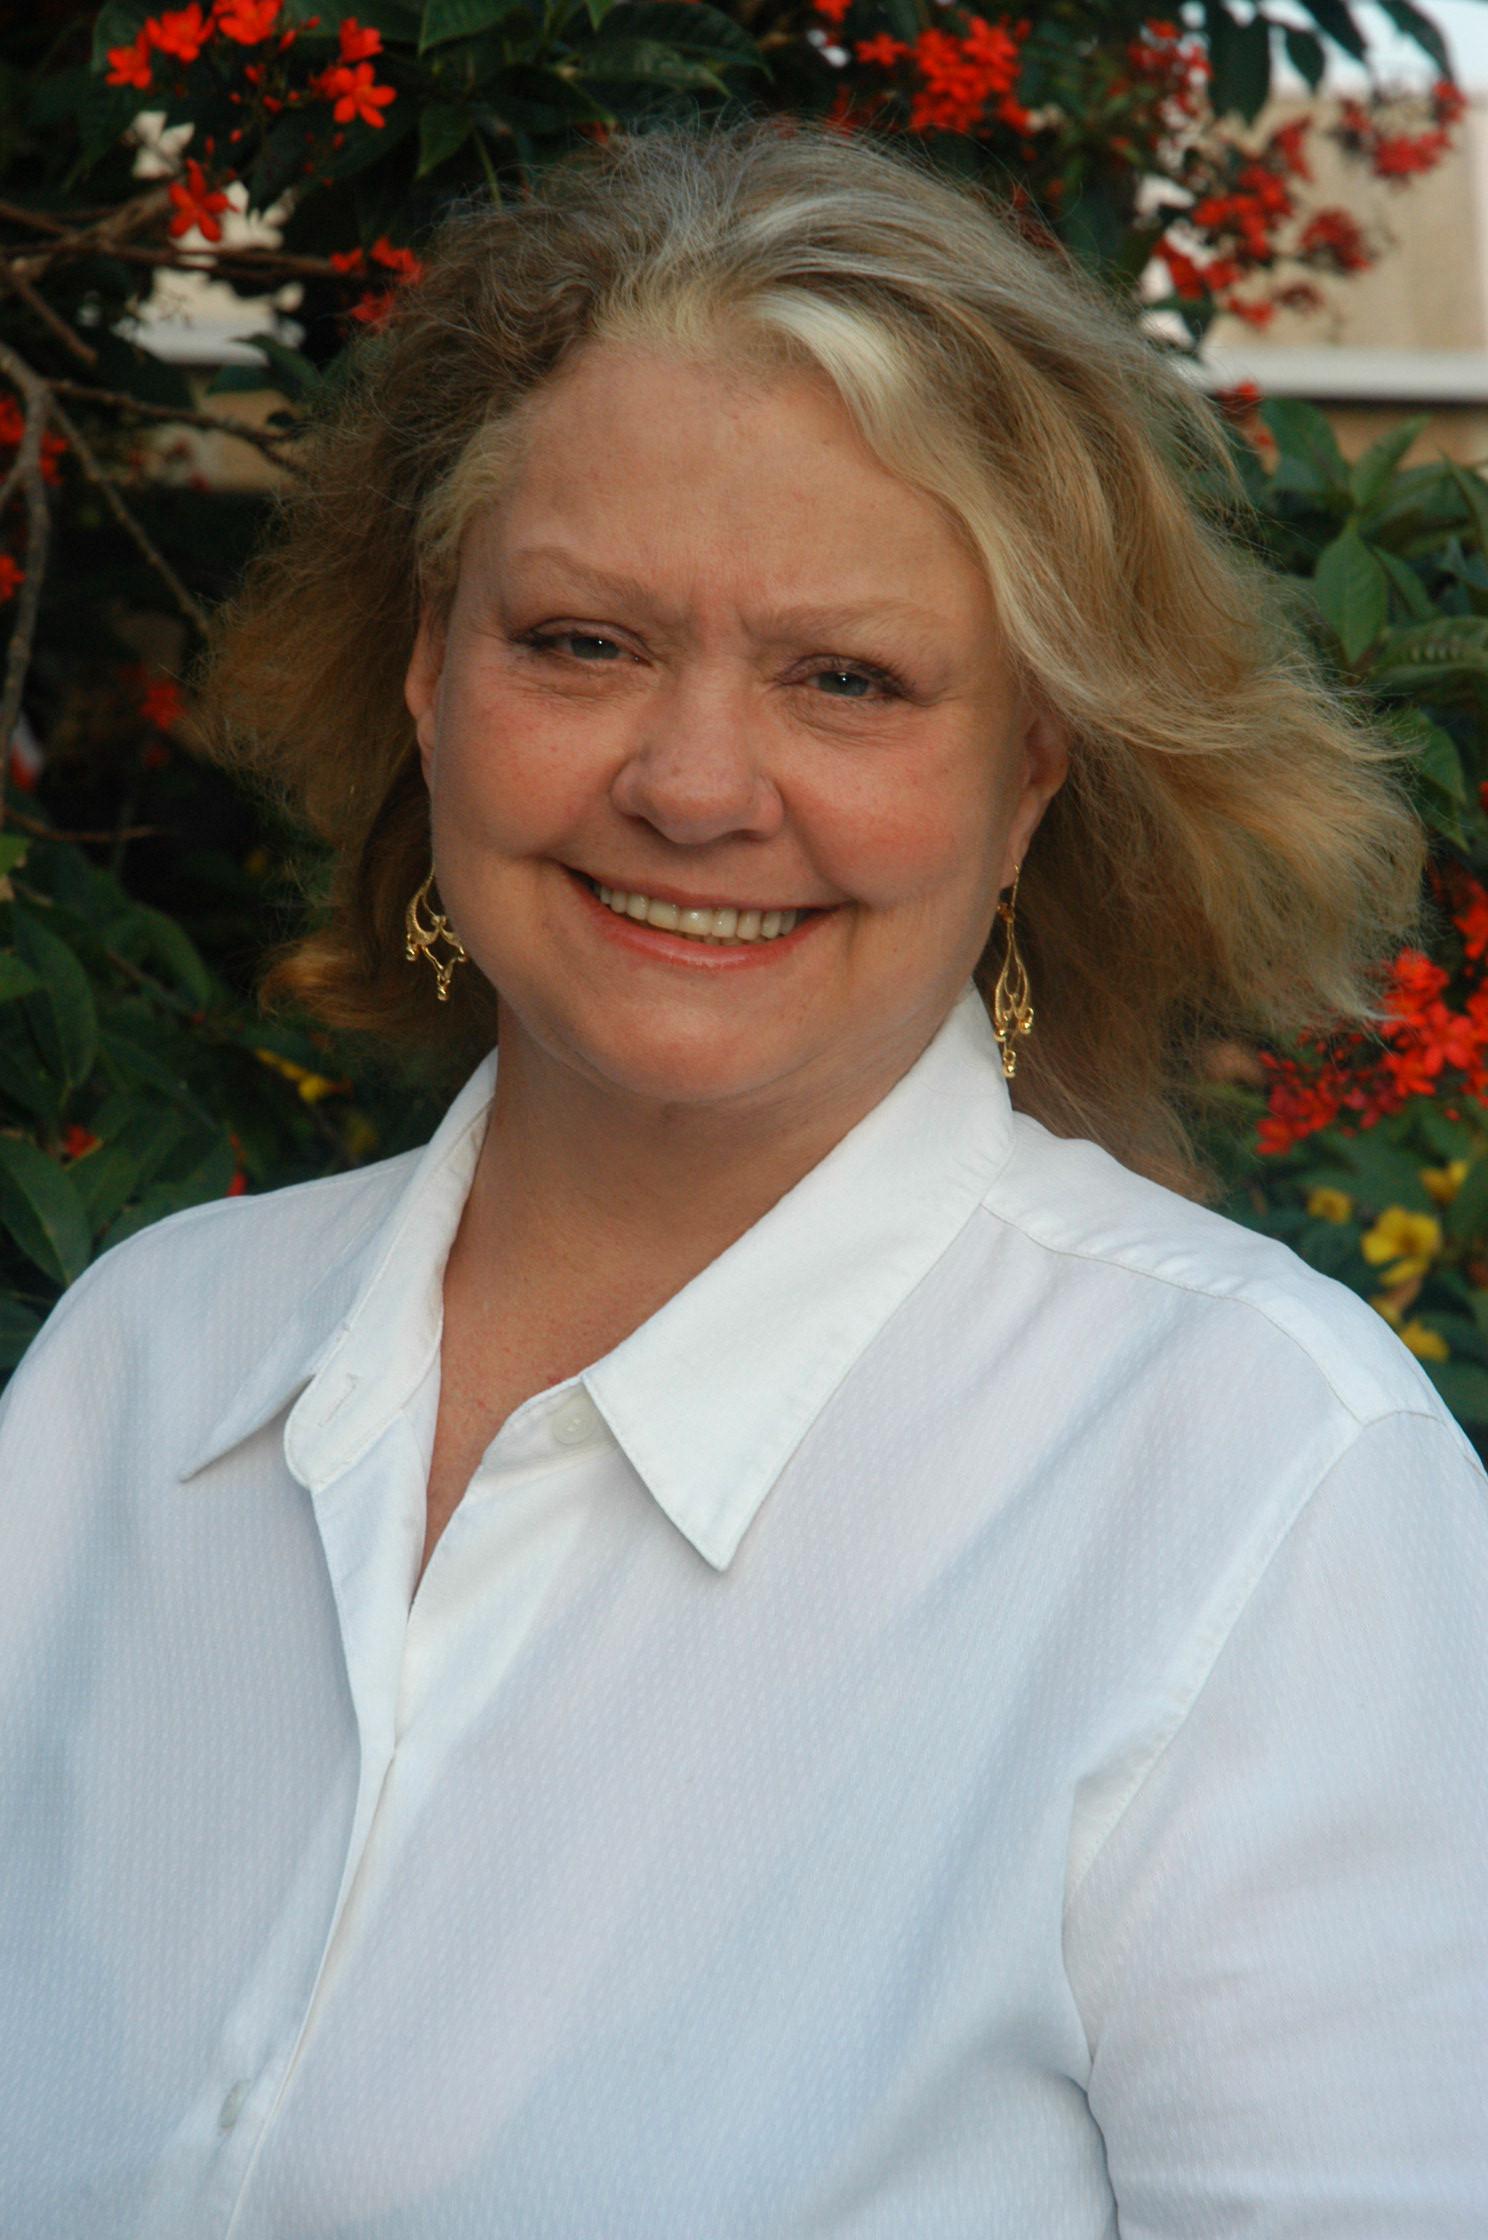 Catherine Griggs